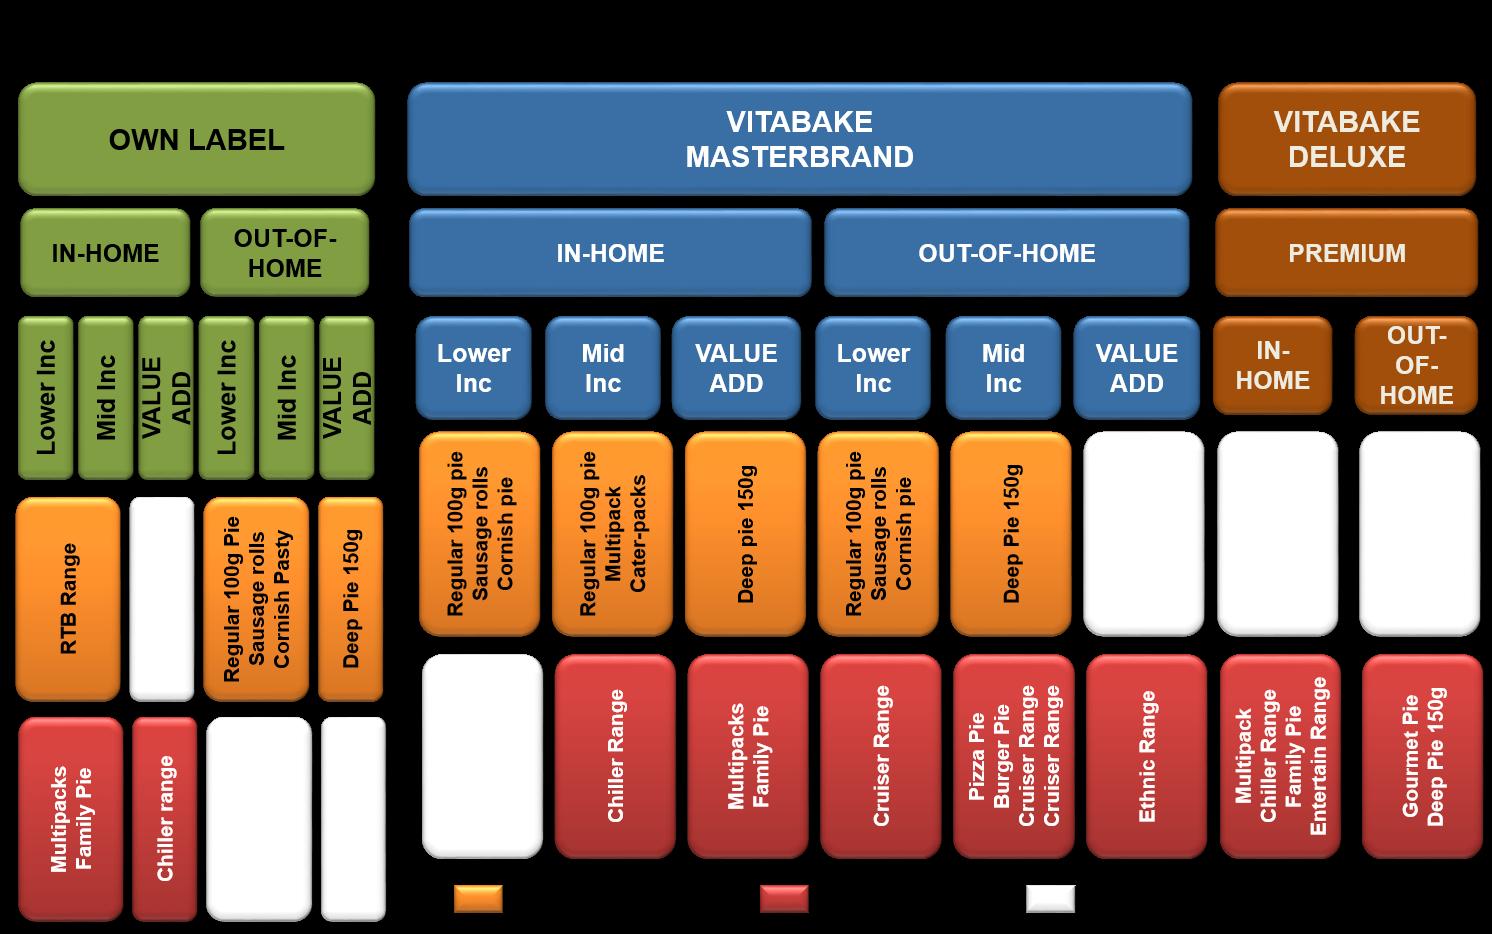 clorox portfolio analysis marketing strategy